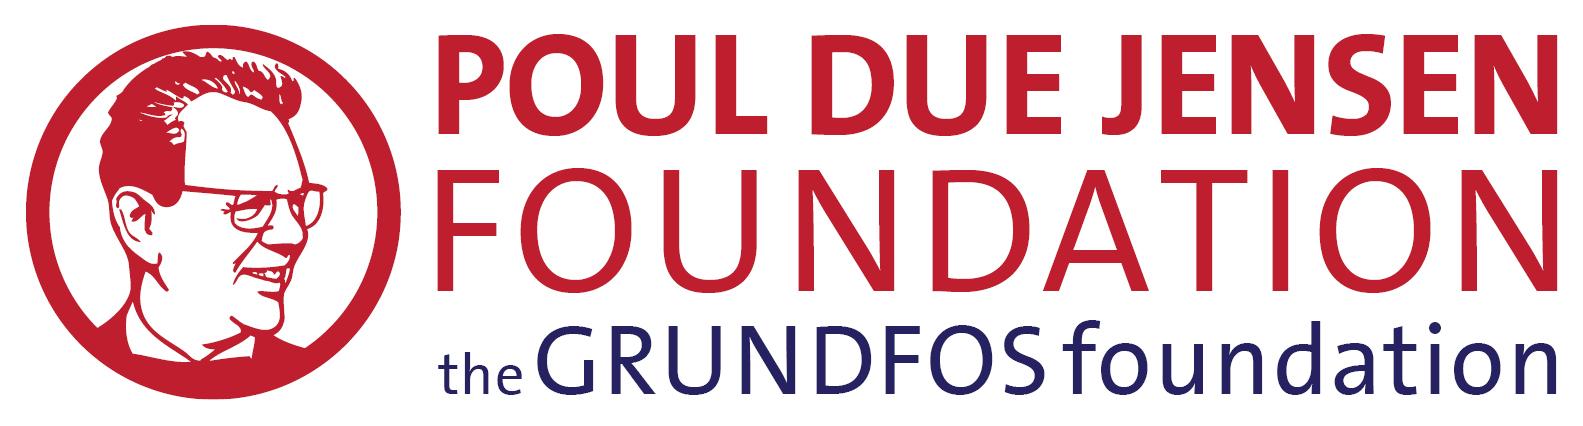 Poul Due Jensen Foundation